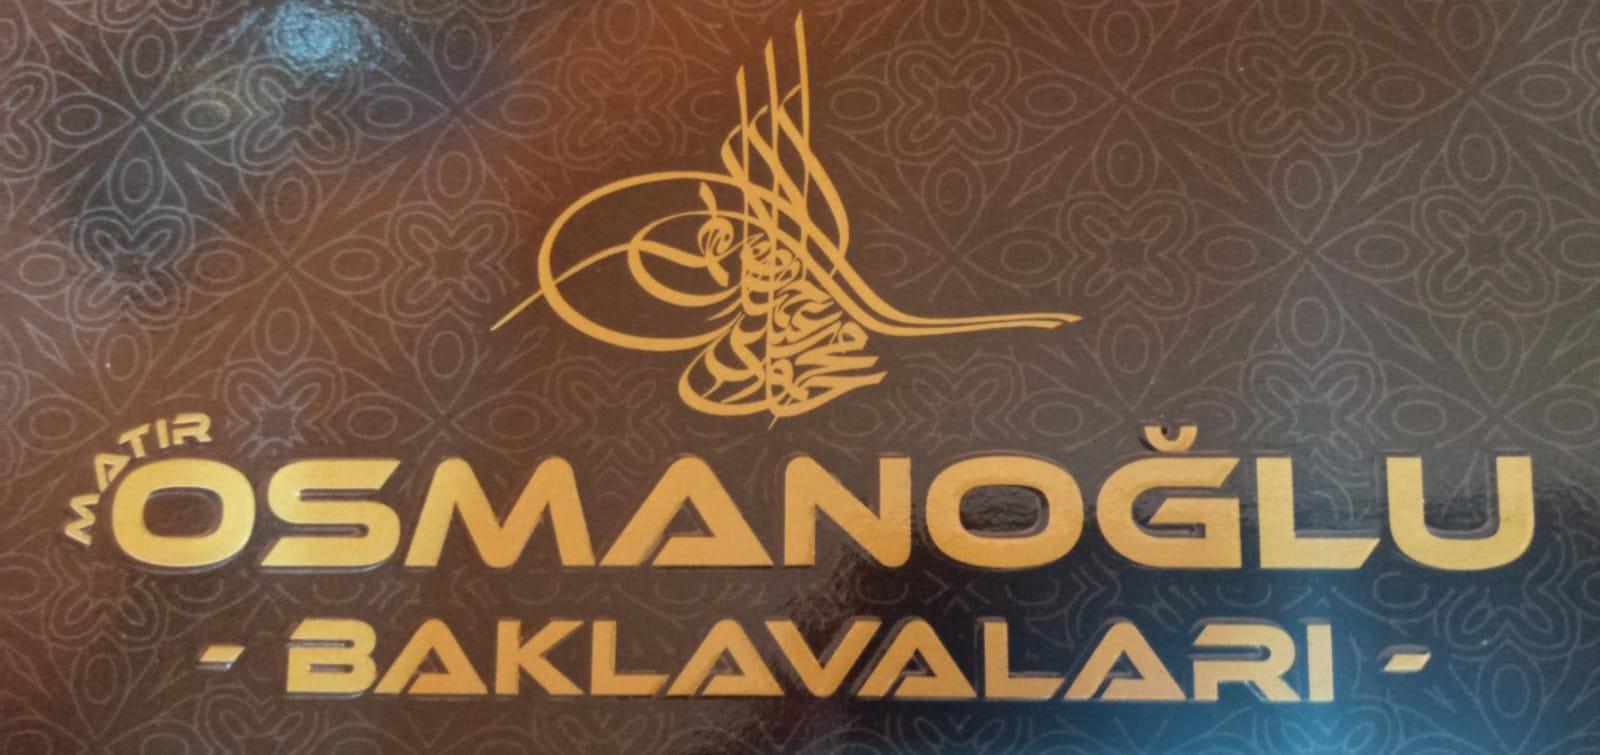 Matır Osmanoğlu Baklava logo